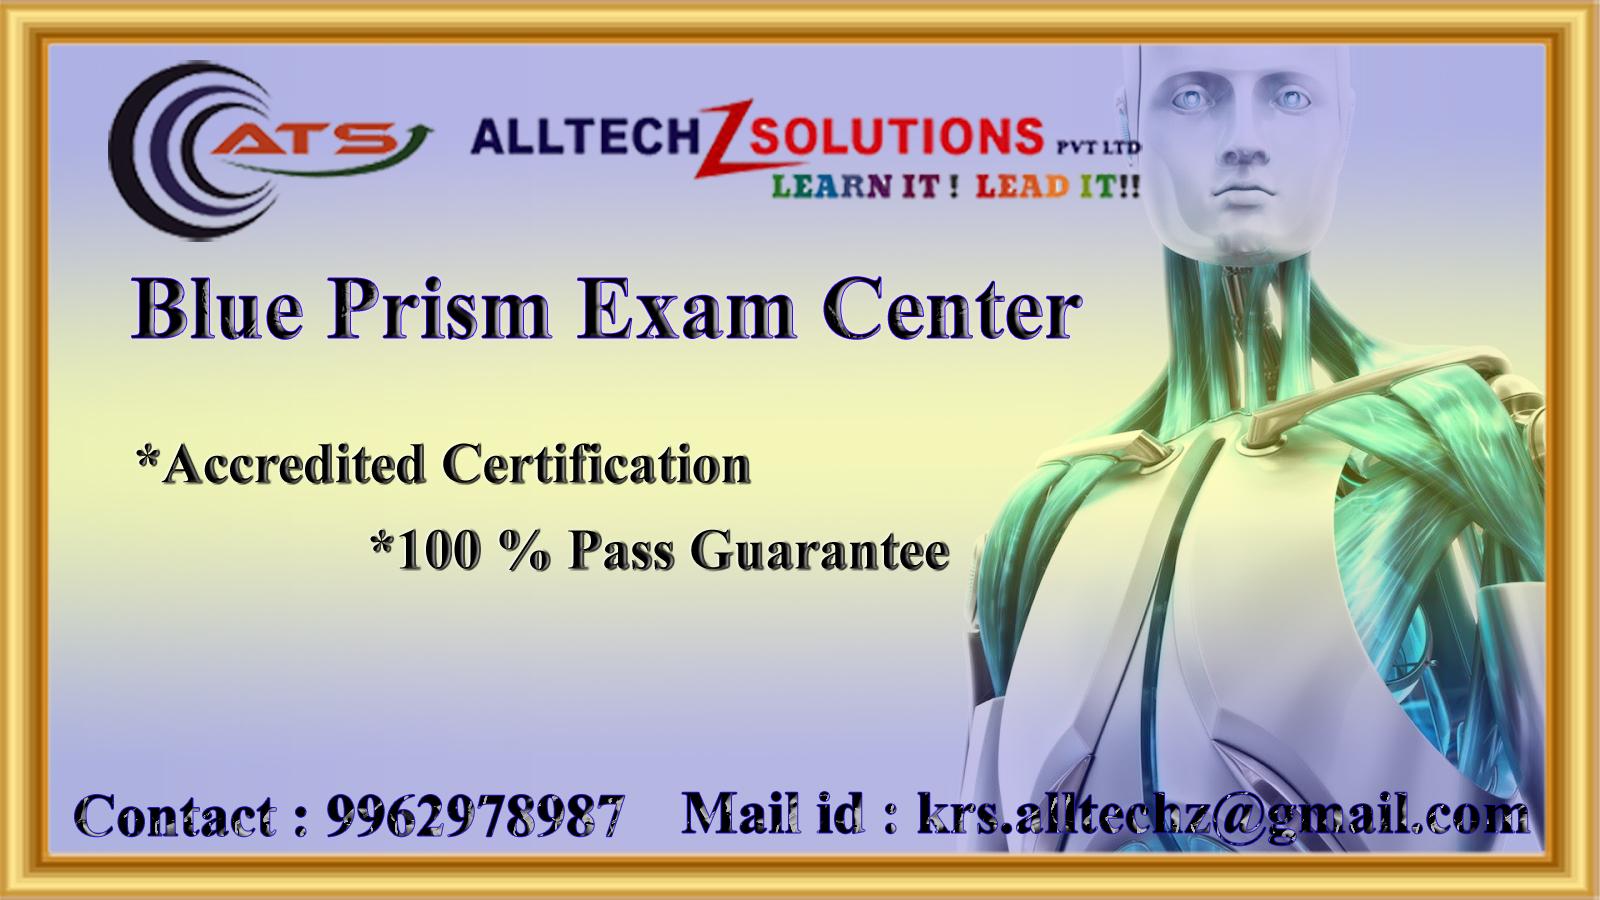 Image for Blueprism Certification Exam Center in Velachery